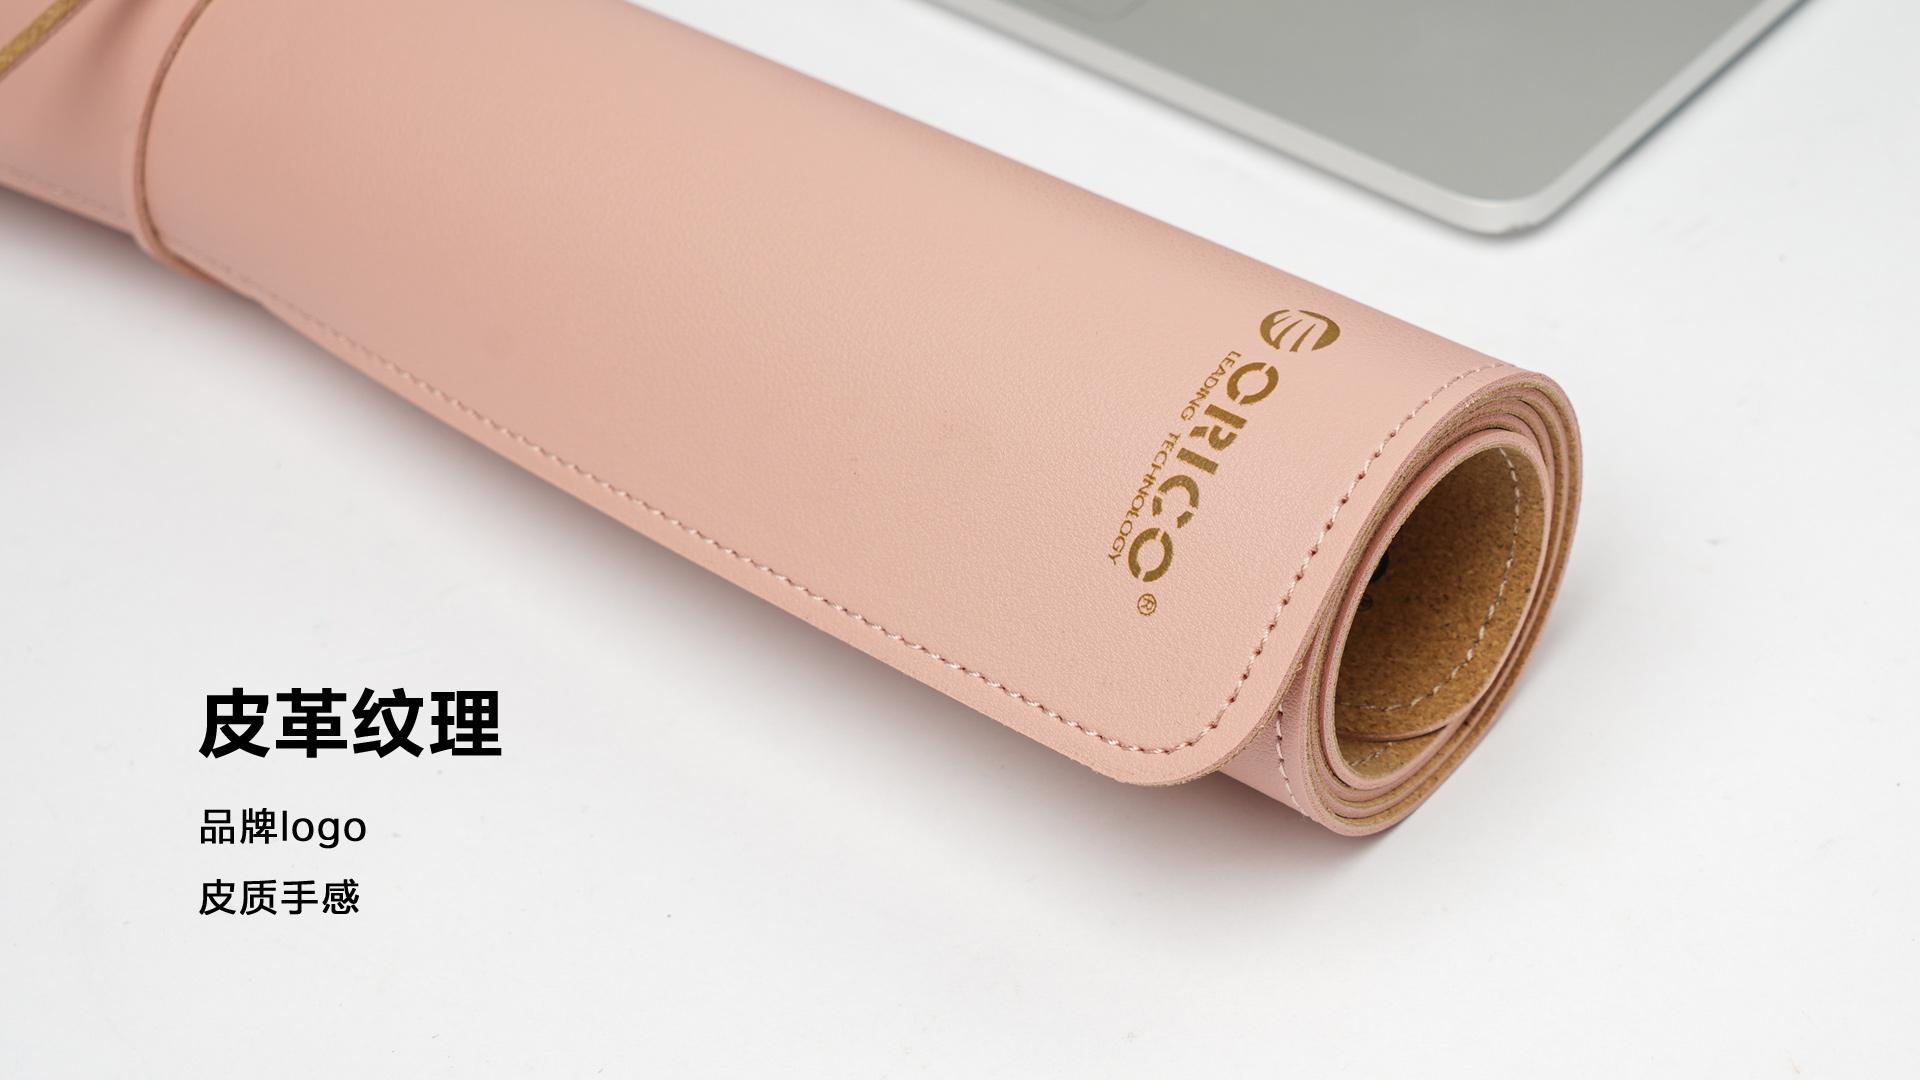 远看是硬实木 其实手感是柔软的皮革的双面桌面鼠标垫  图片 科技 评测 第4张